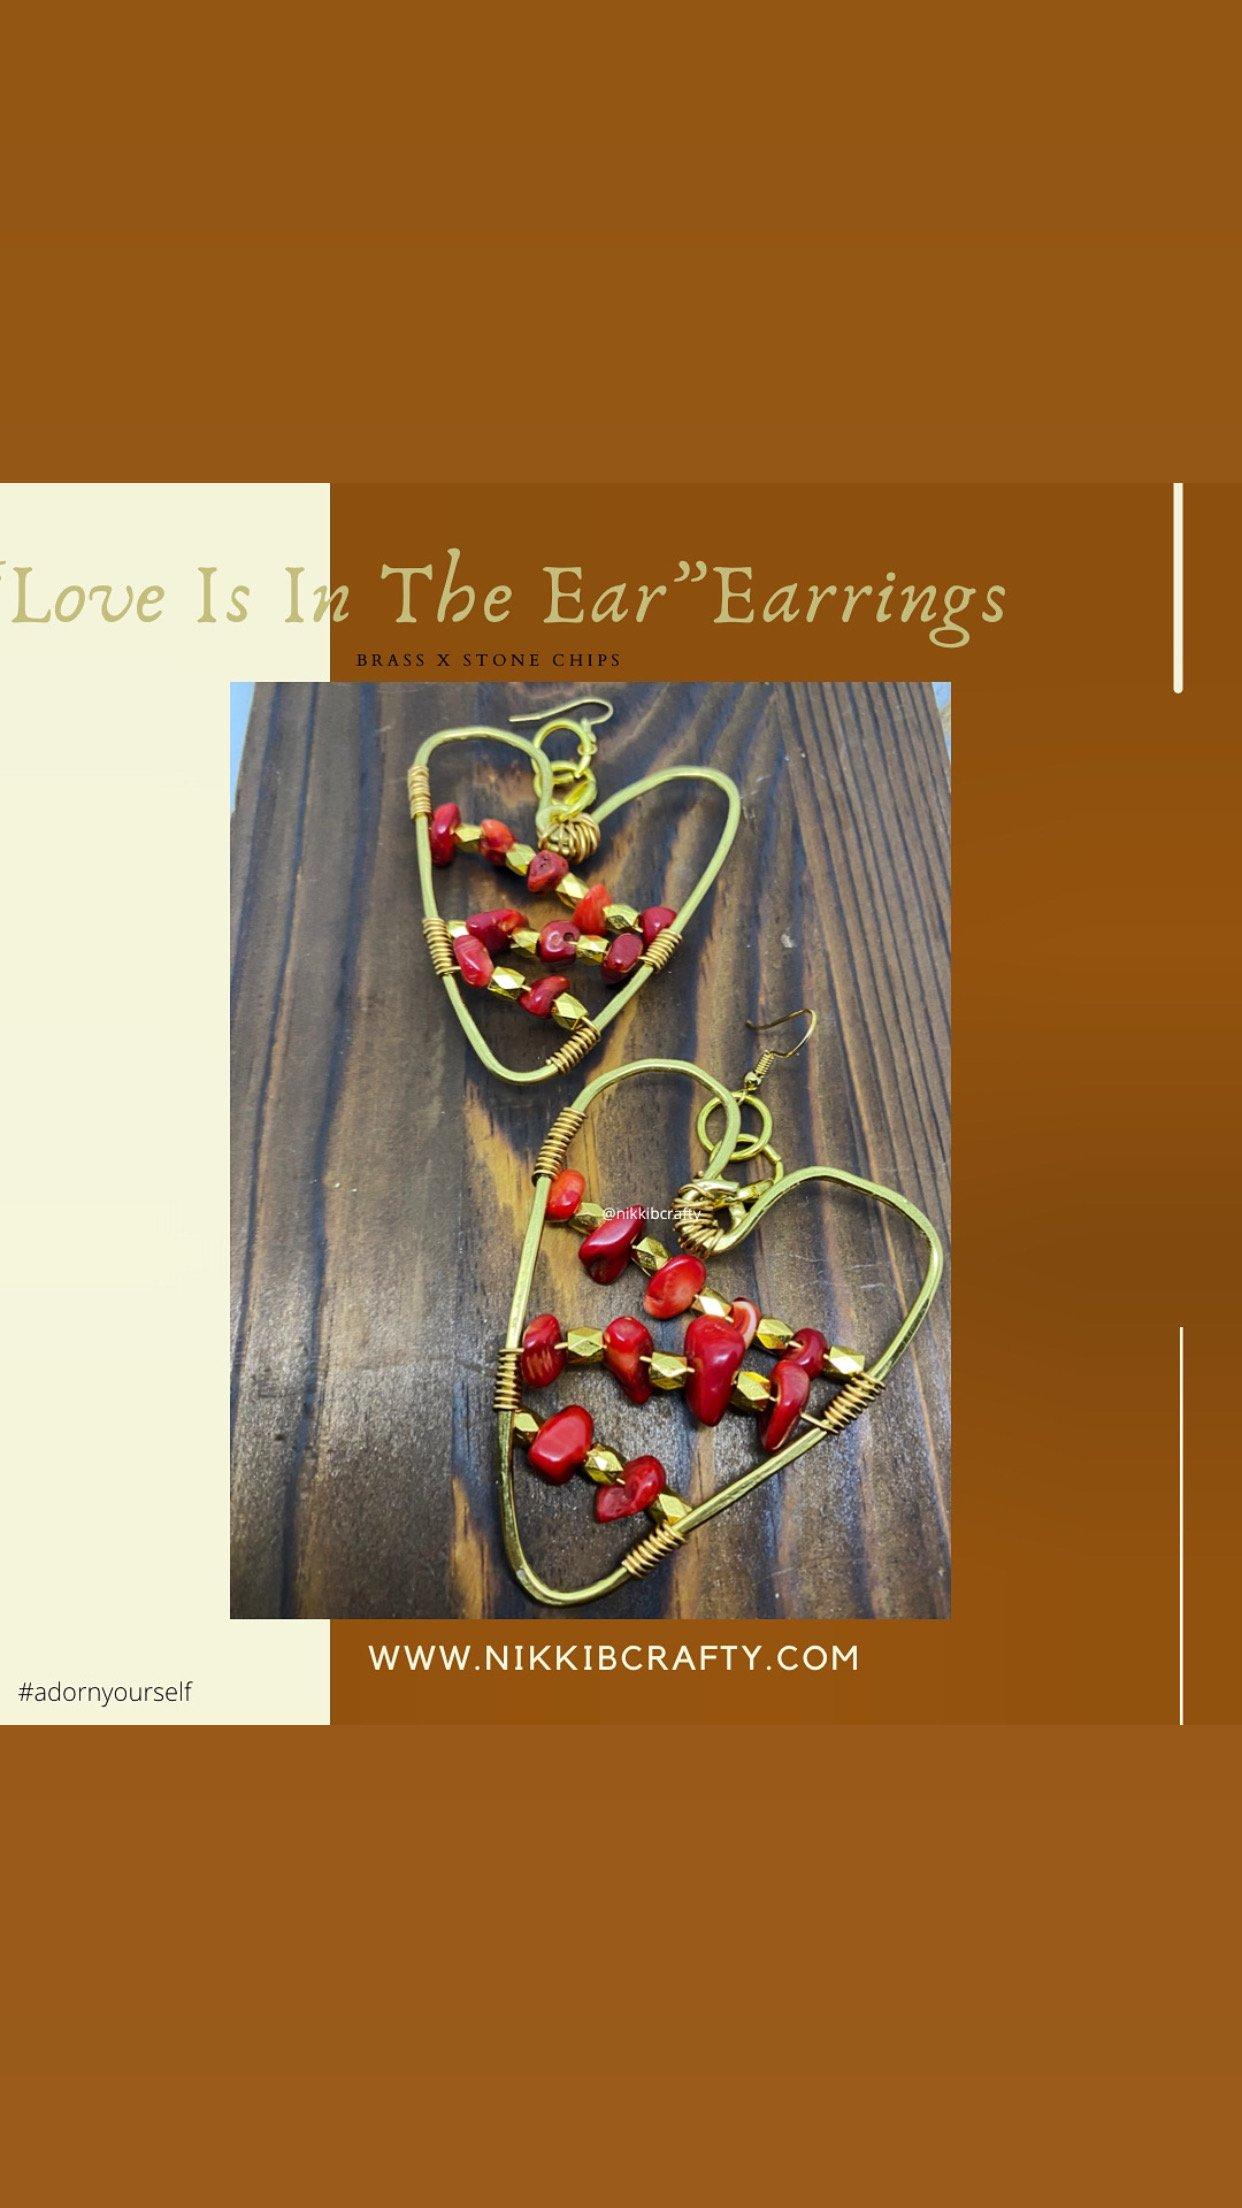 Image of Love is in the ear earrings